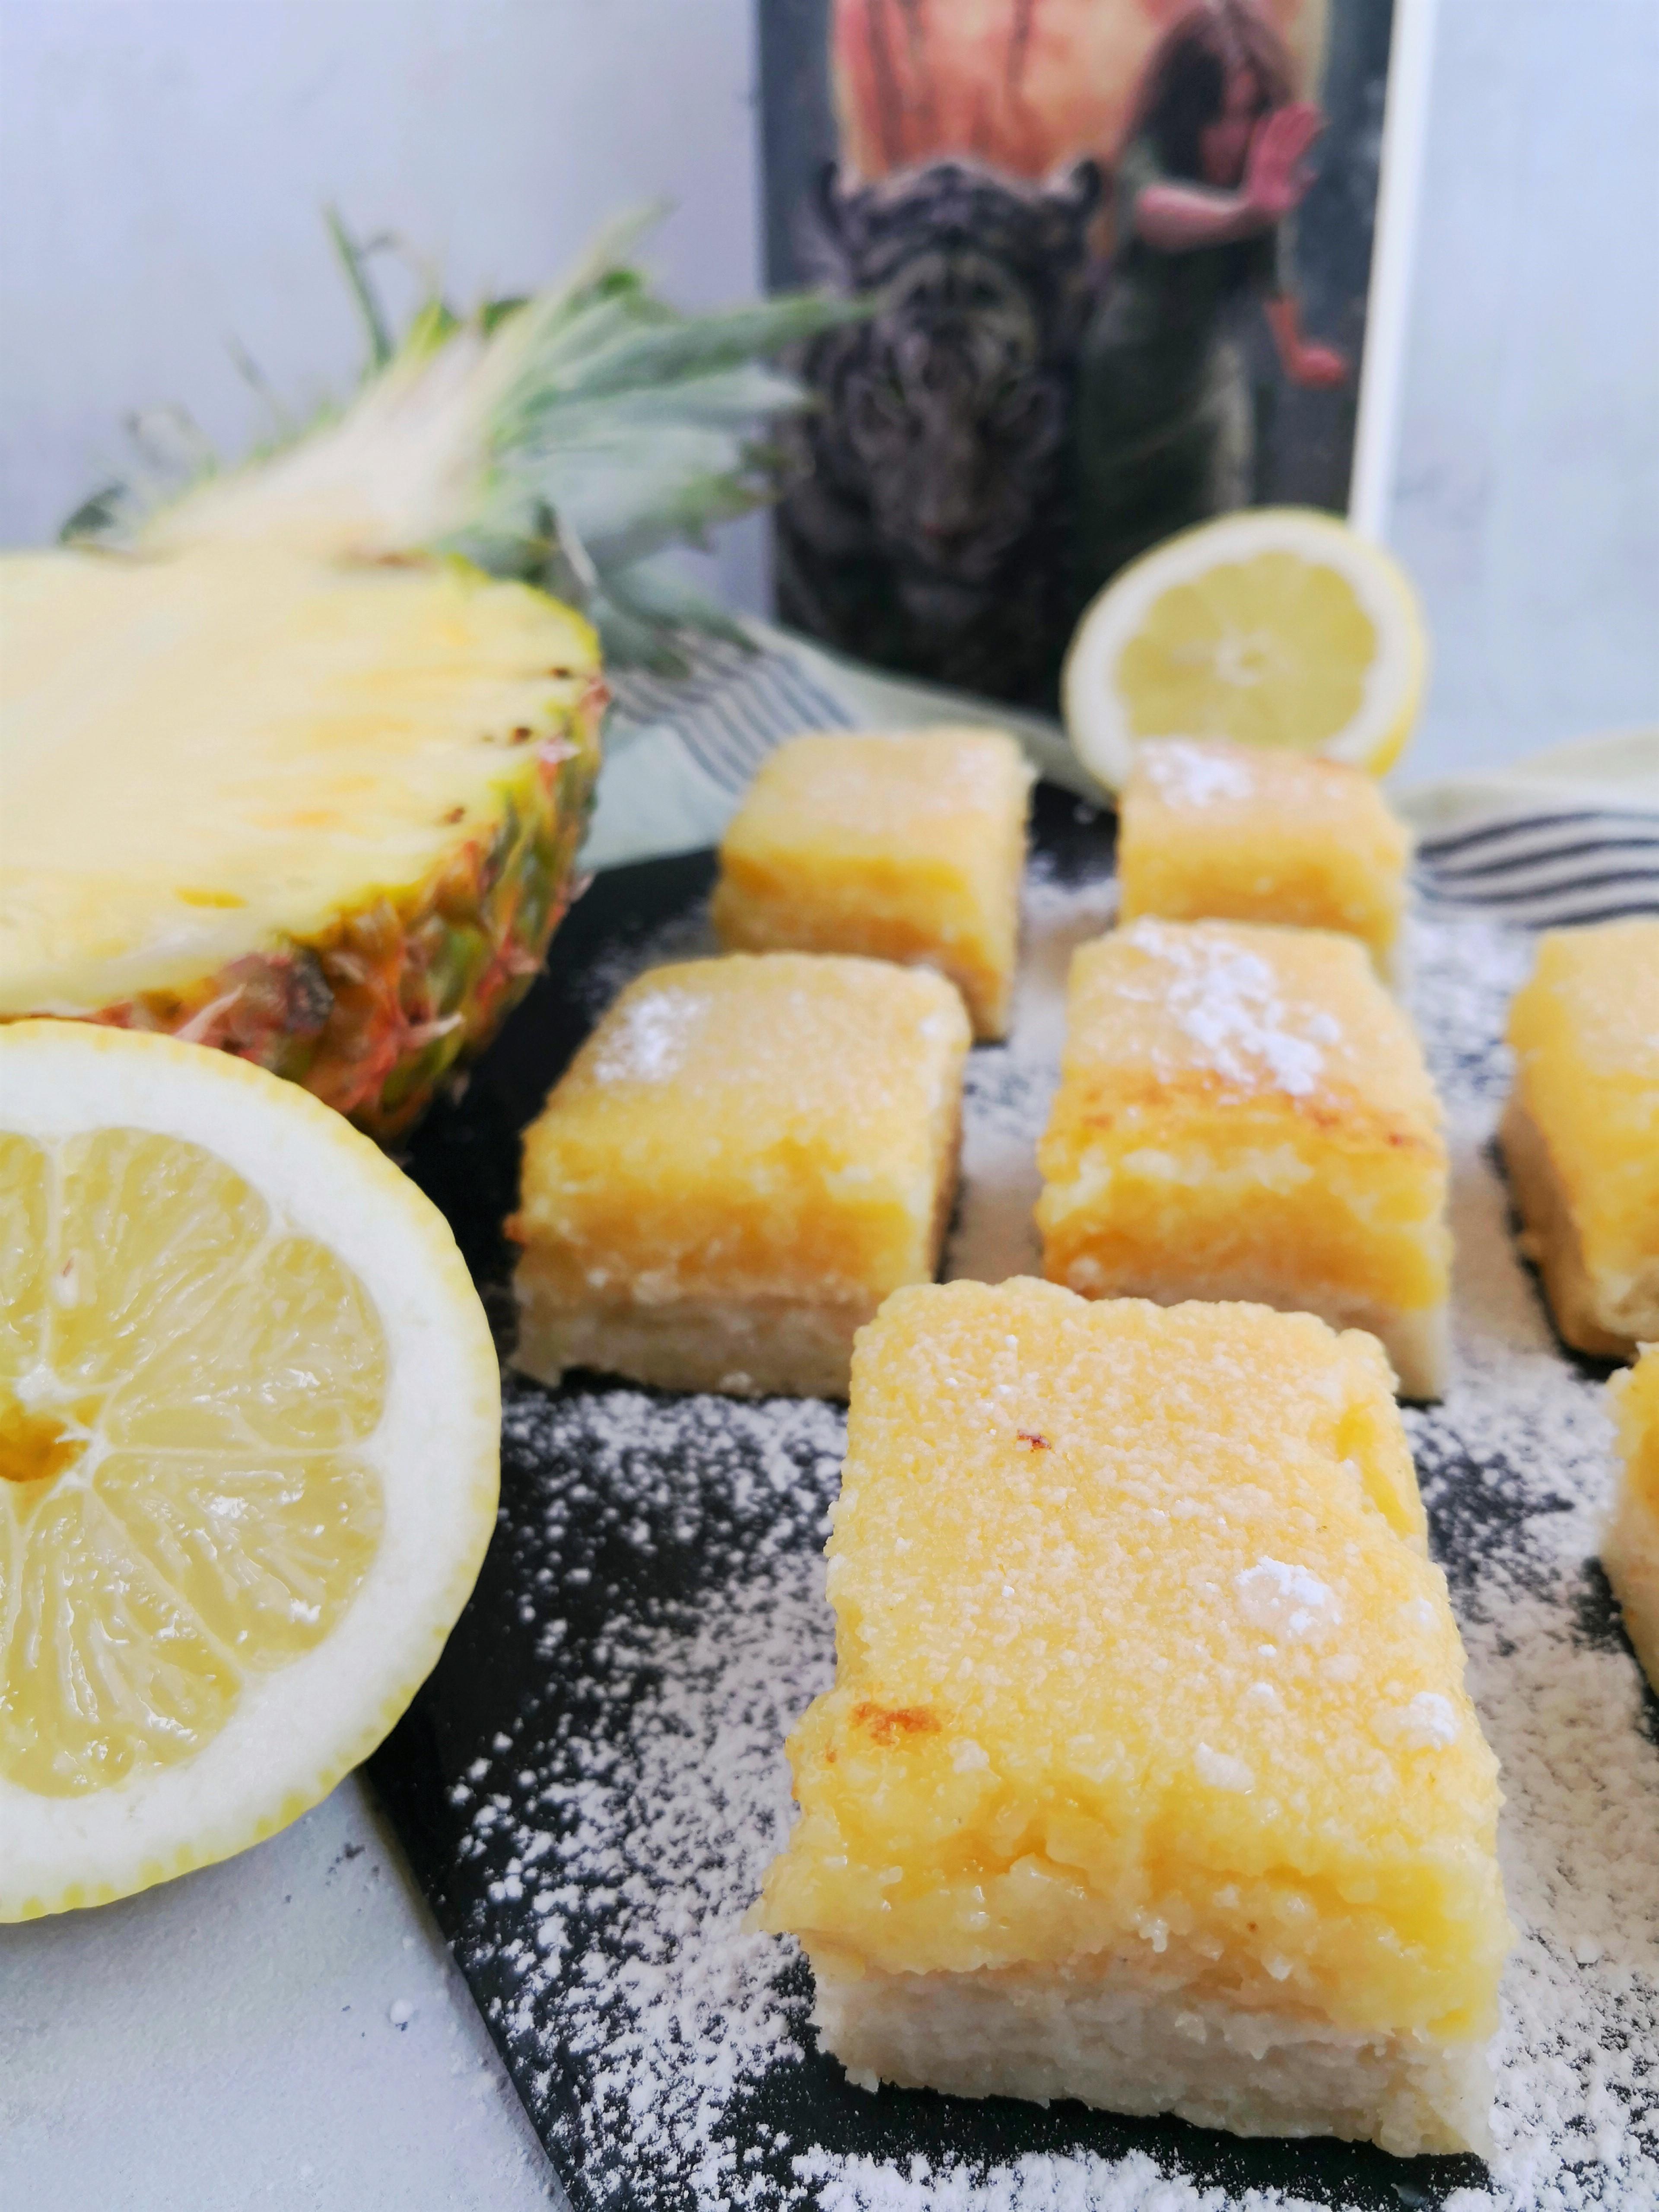 Trafallanske snitter med ananas fra Grænsen til Trafallas